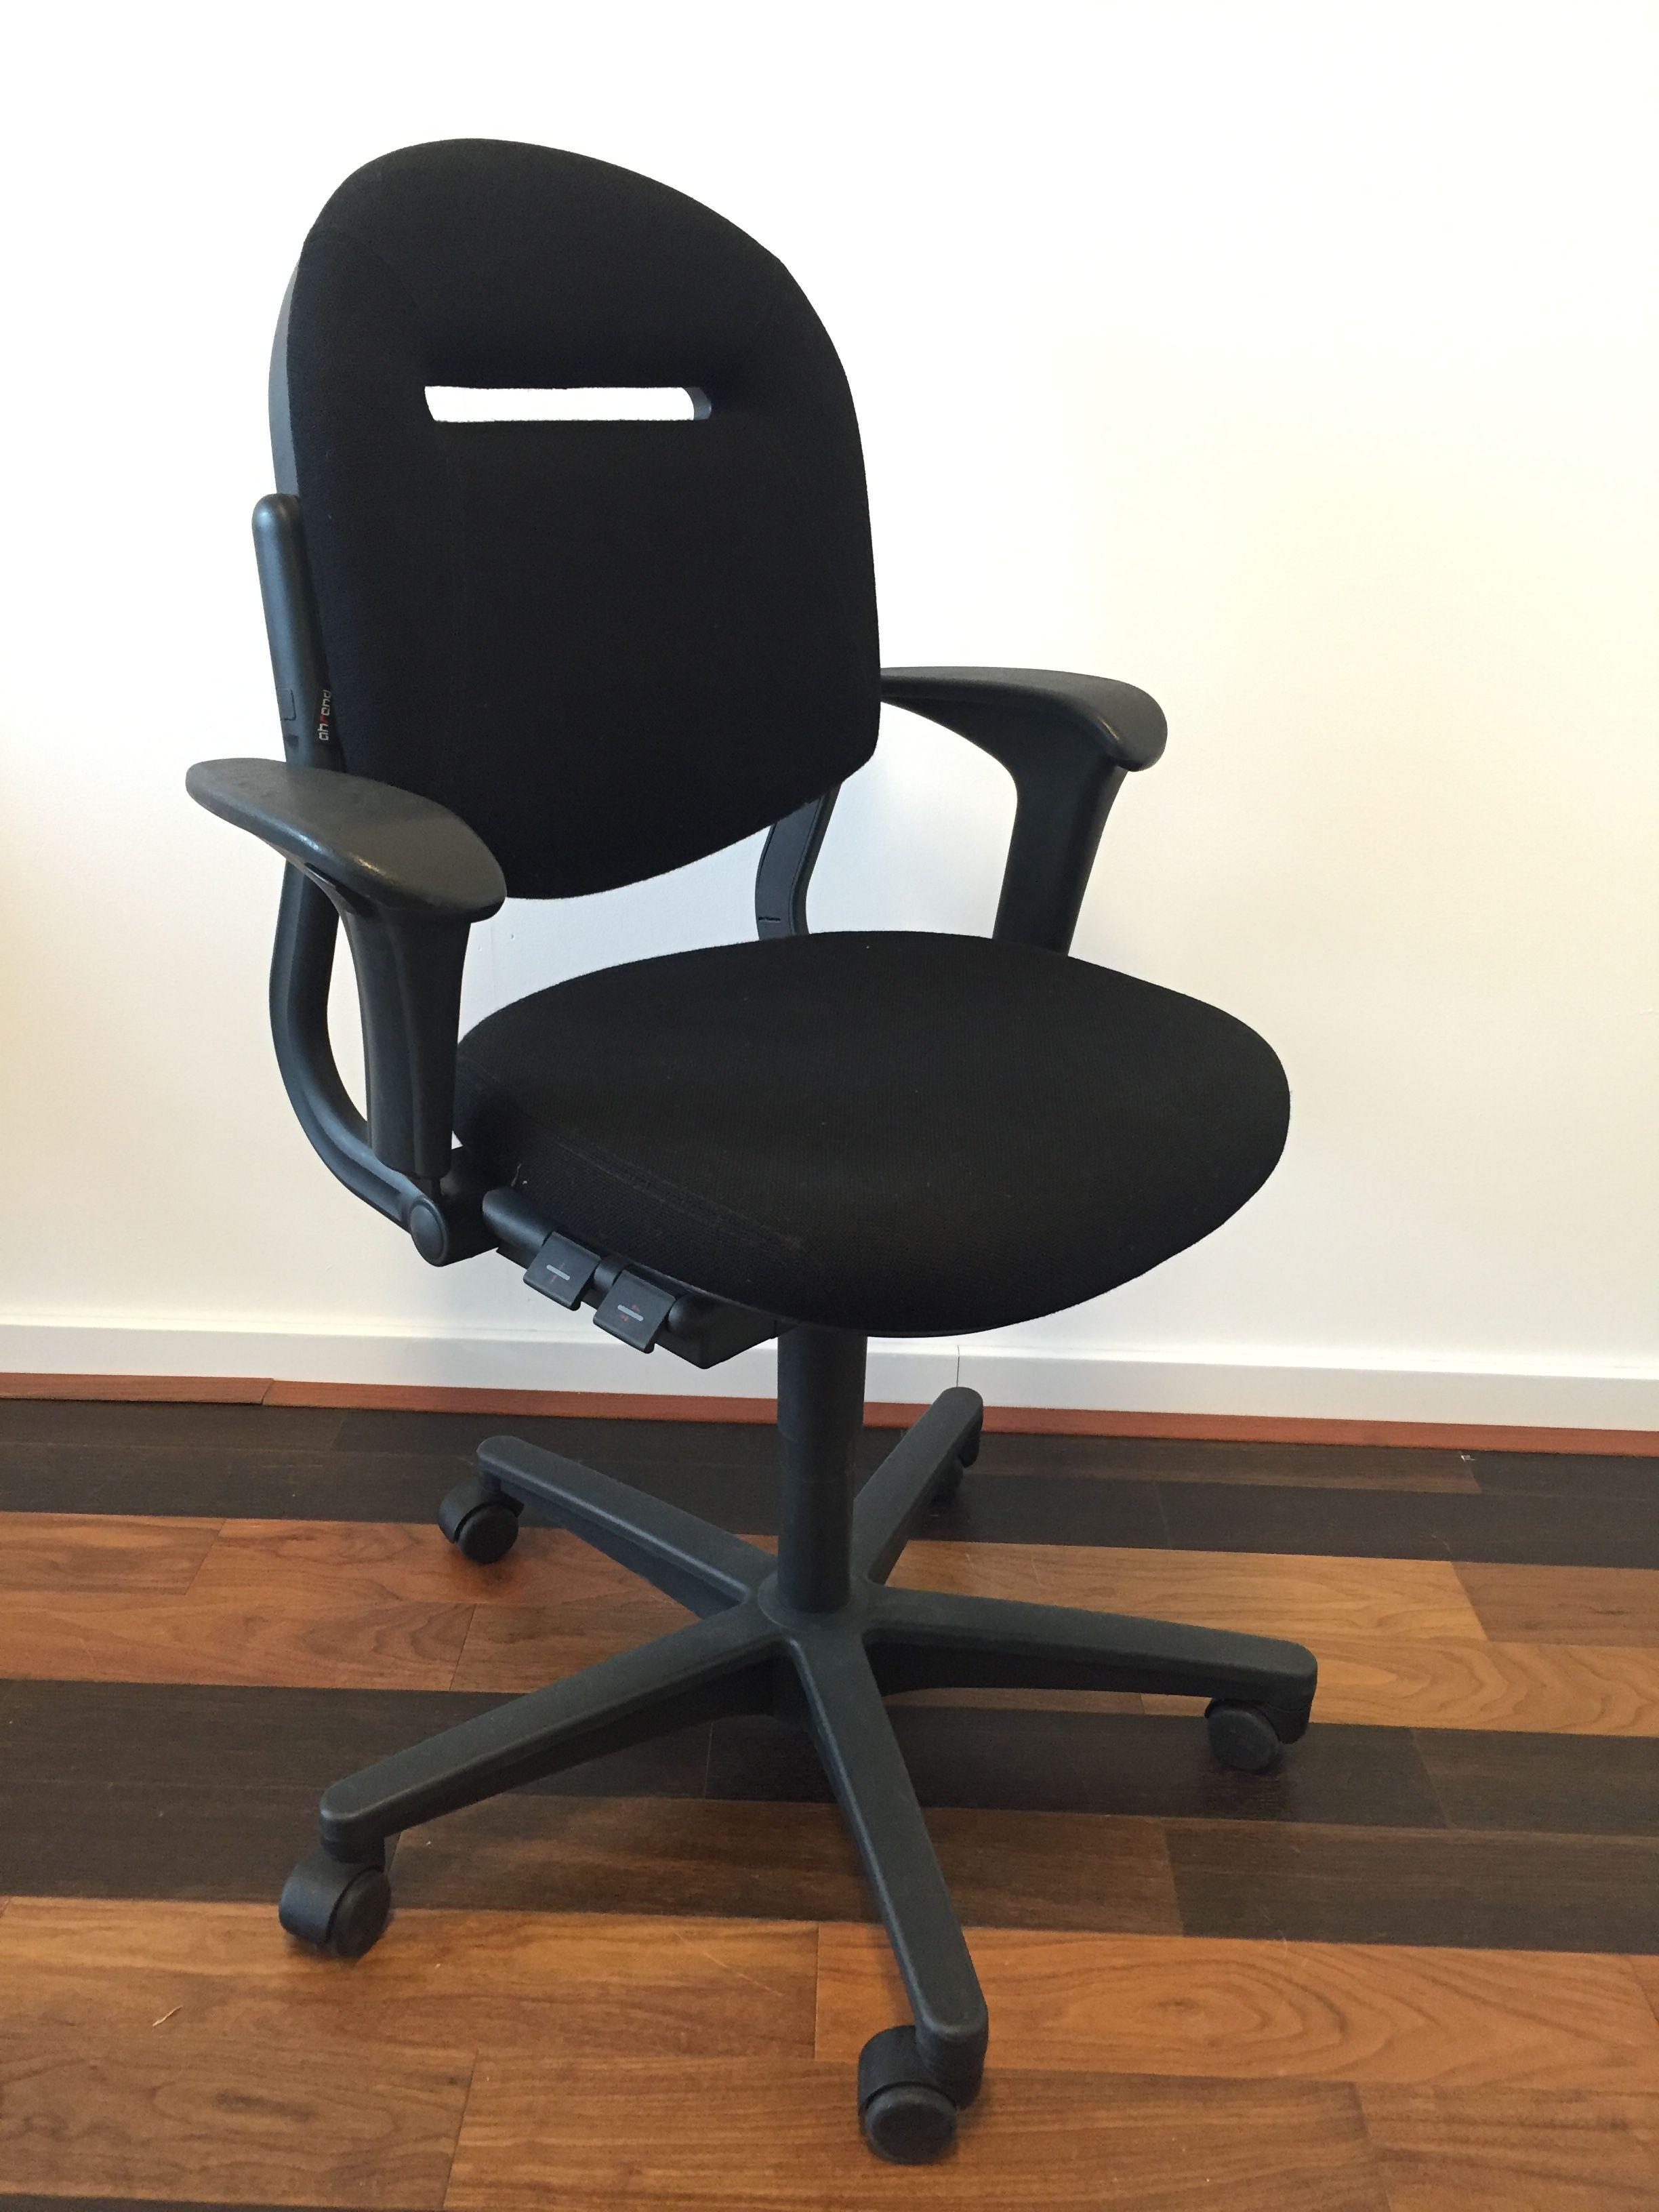 Ahrend 220 Bureaustoel Zwart.Ahrend 220 Bureaustoel Nieuw Zwart Gestoffeerd